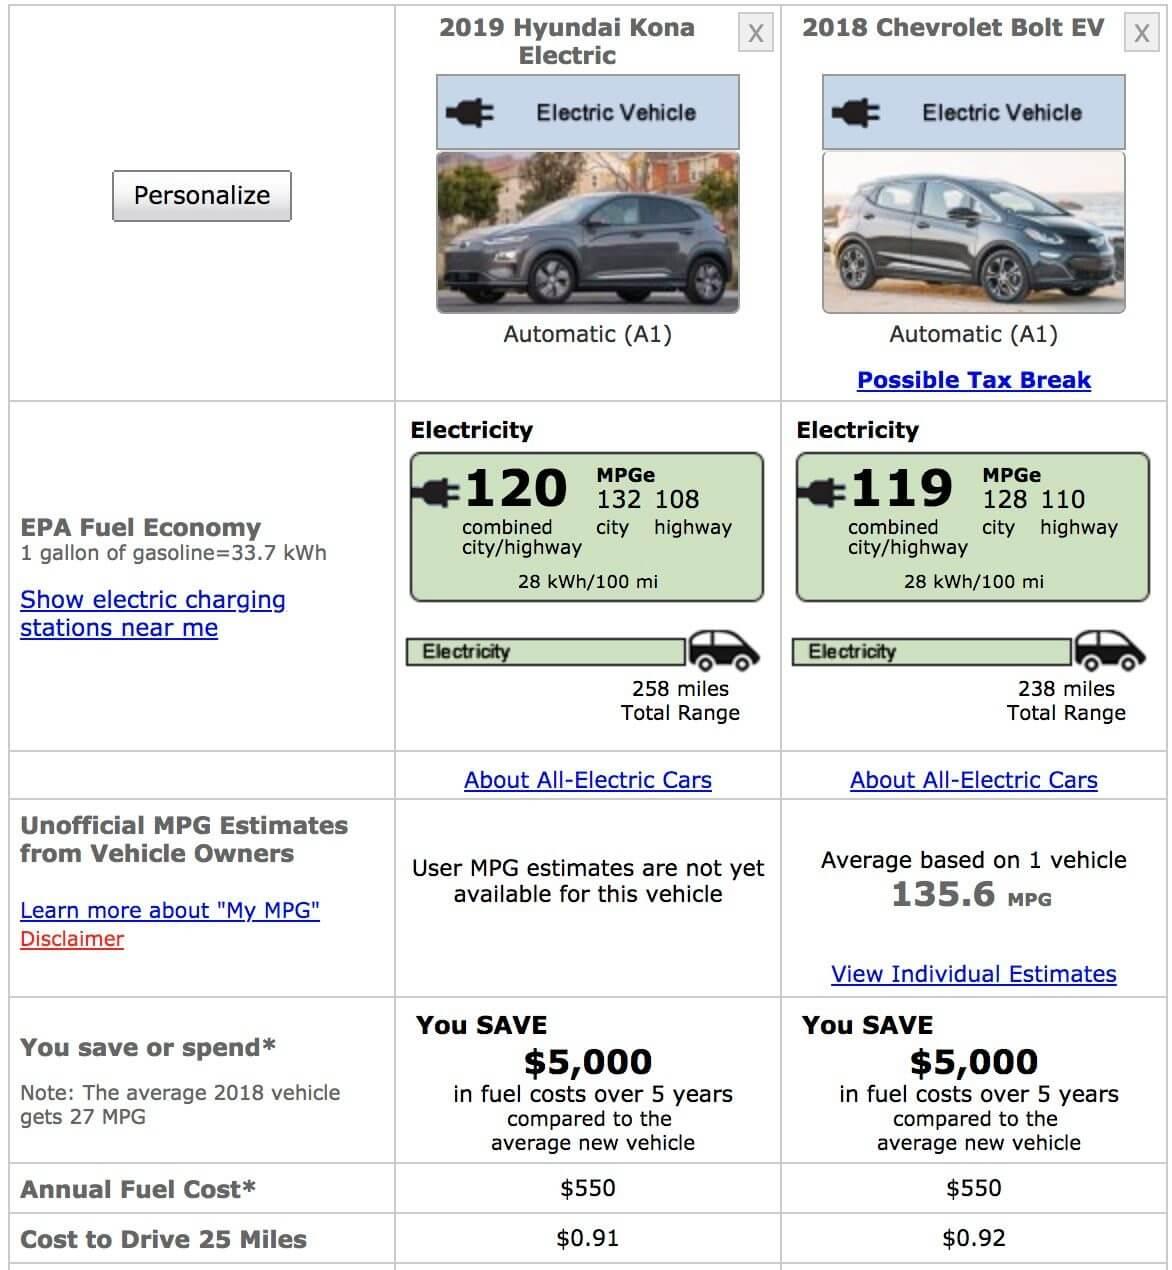 Сравнение энергоэффективности и запаса хода Hyundai Kona Electric и Chevy Bolt EV